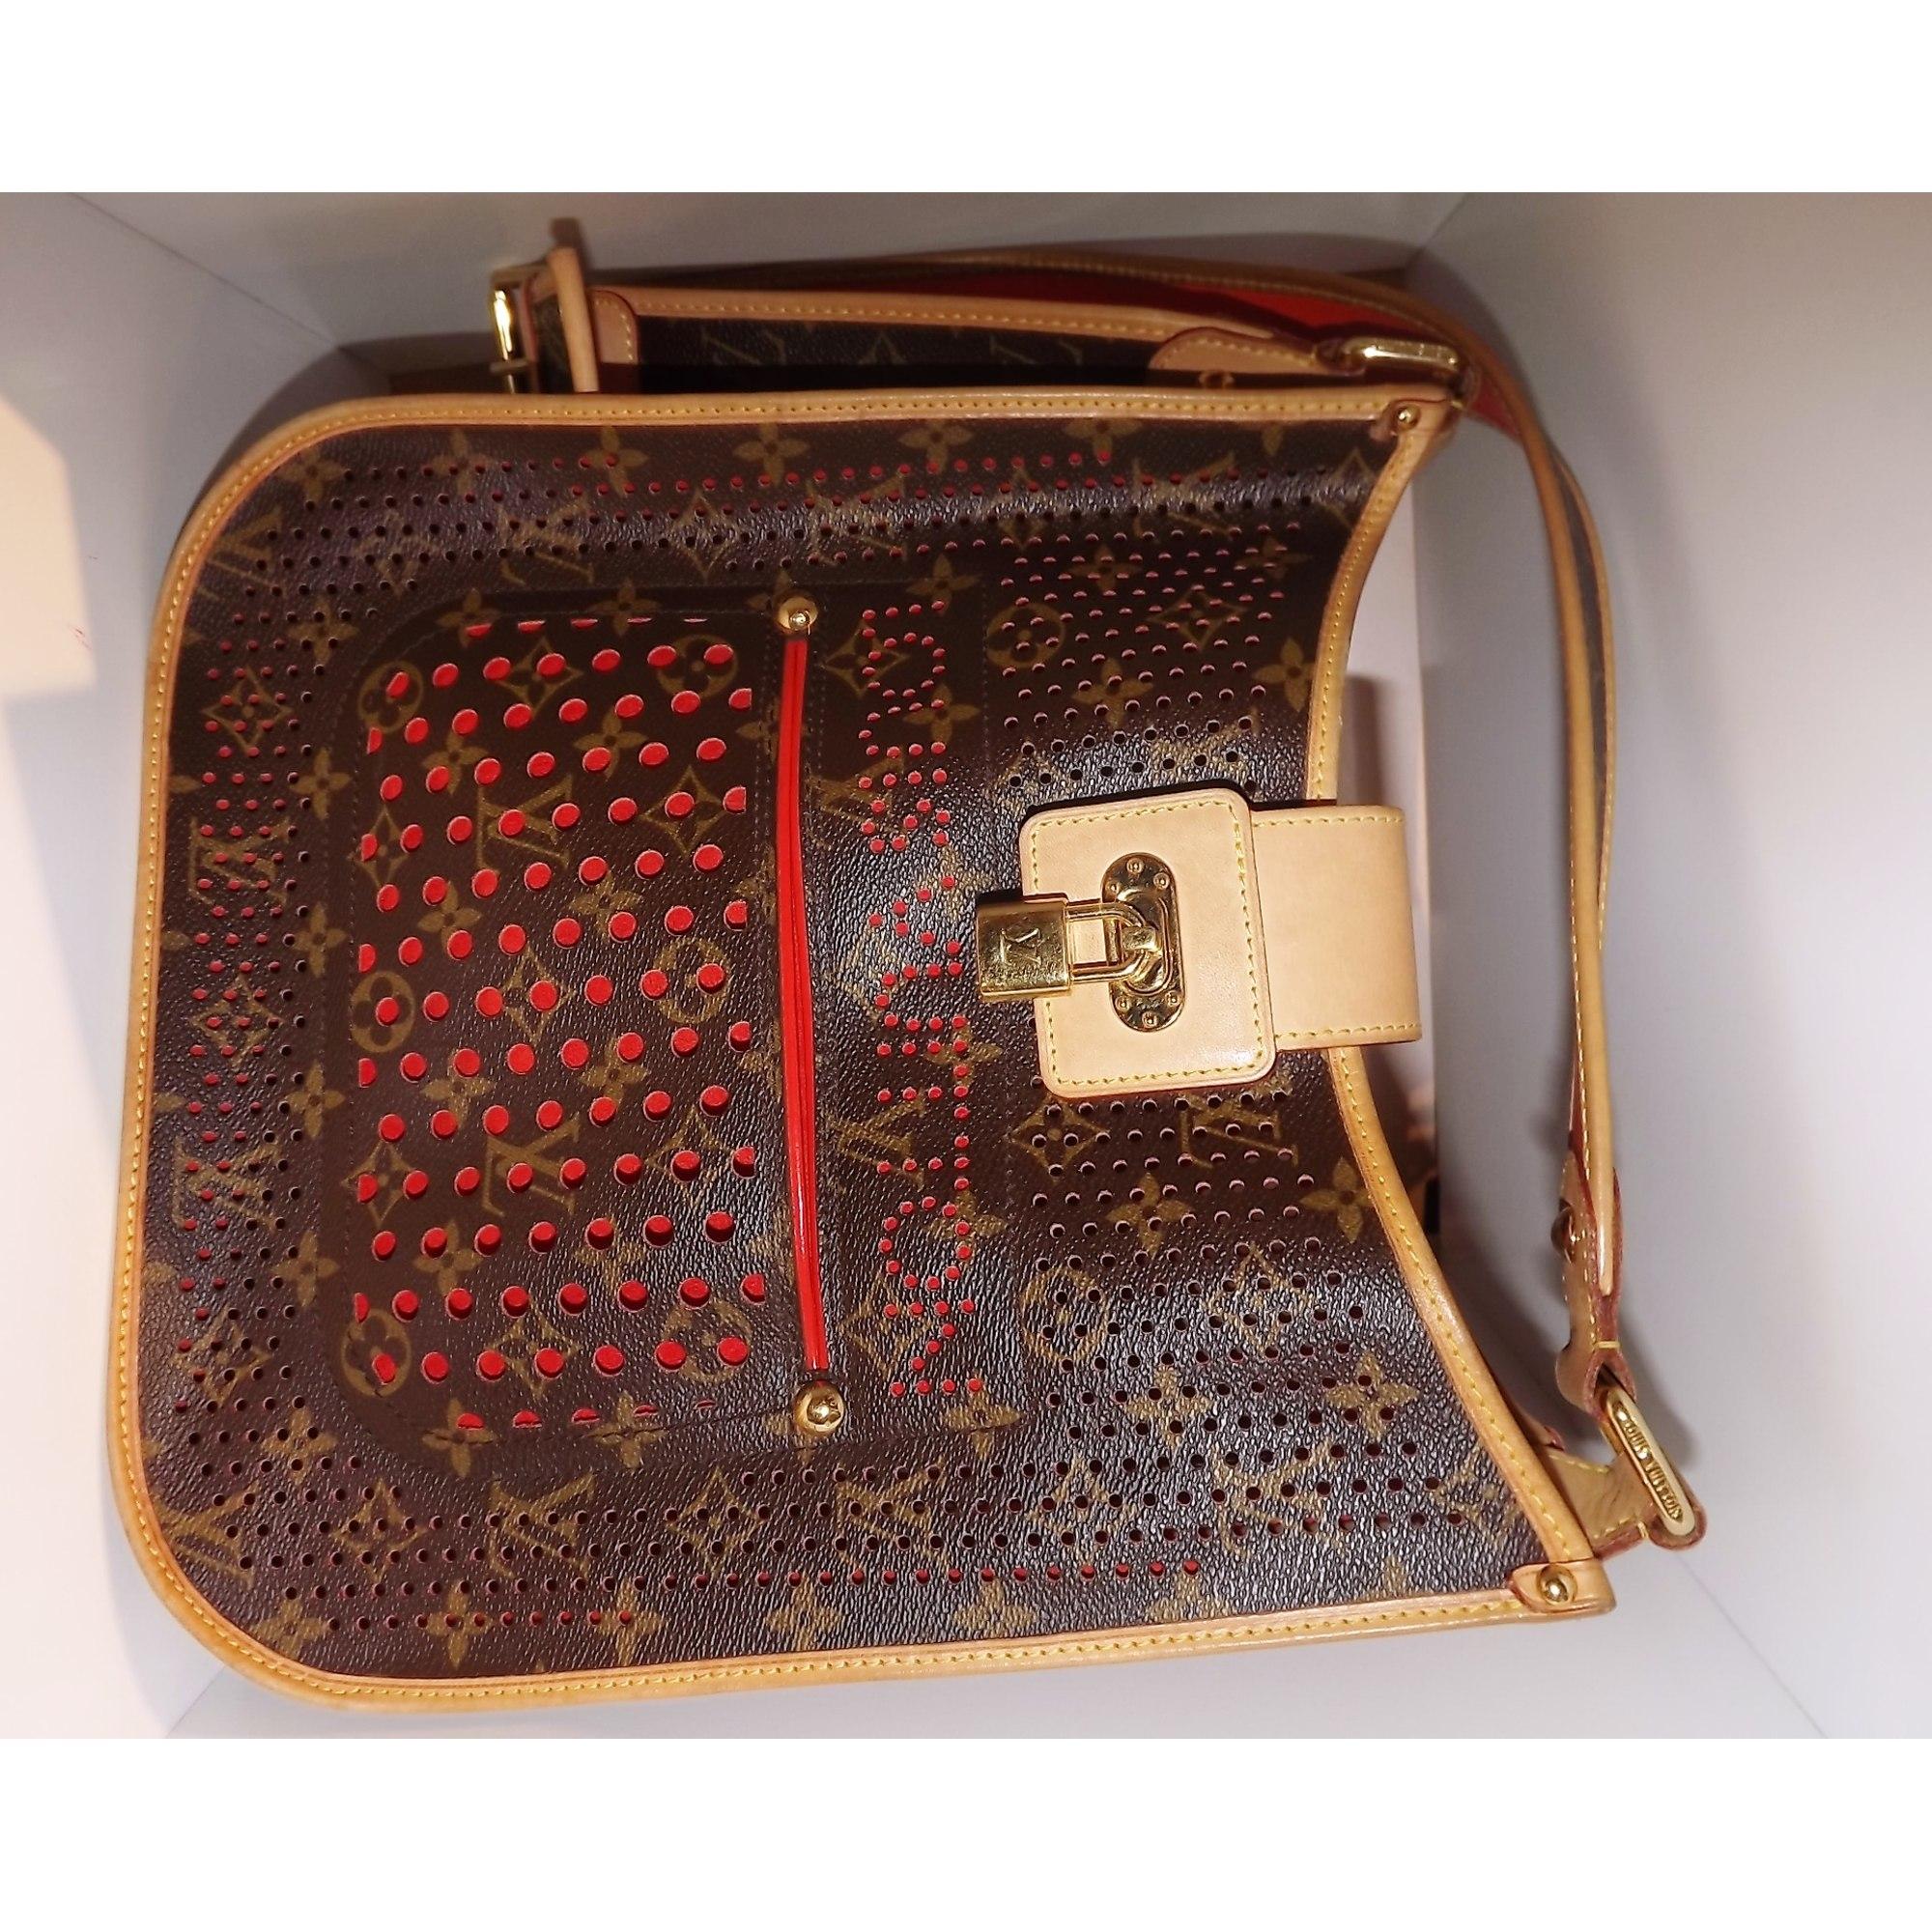 ba95f54d15e6 Sac en bandoulière en cuir LOUIS VUITTON monogramme lv  orange vendu ...